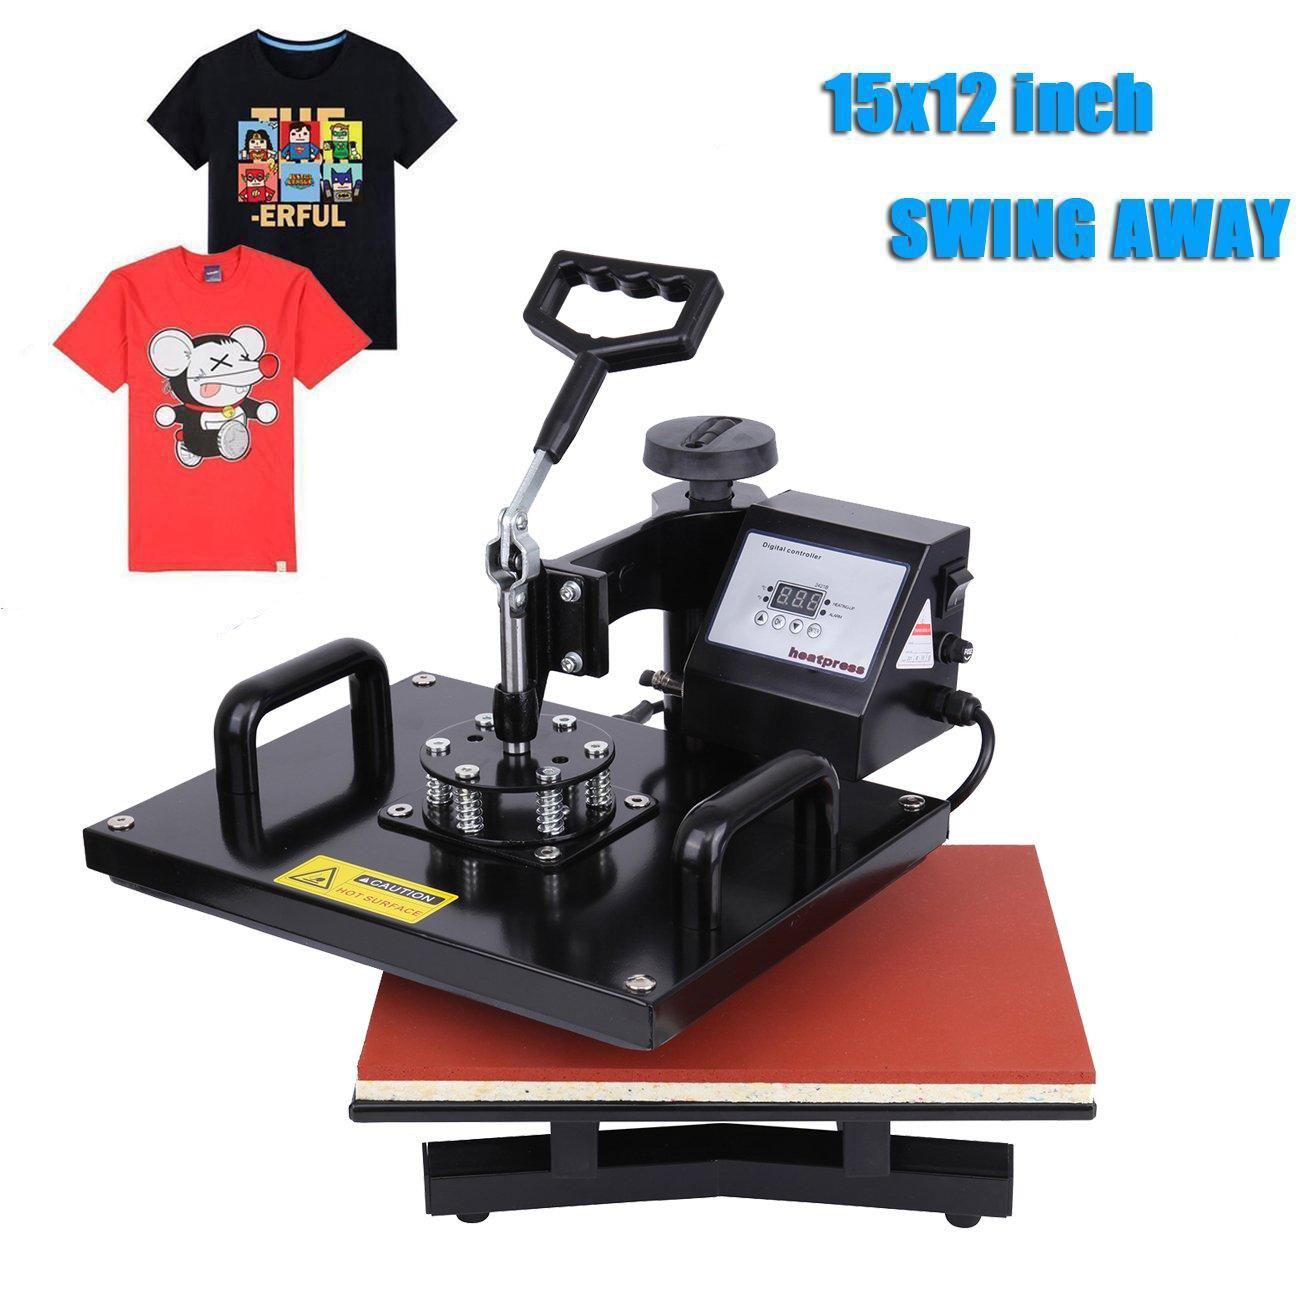 PanelTech 15''x12'' T-shirt Heat Press Digital Transfer SublimationSwing-away W/ Rigid Base by PanelTech